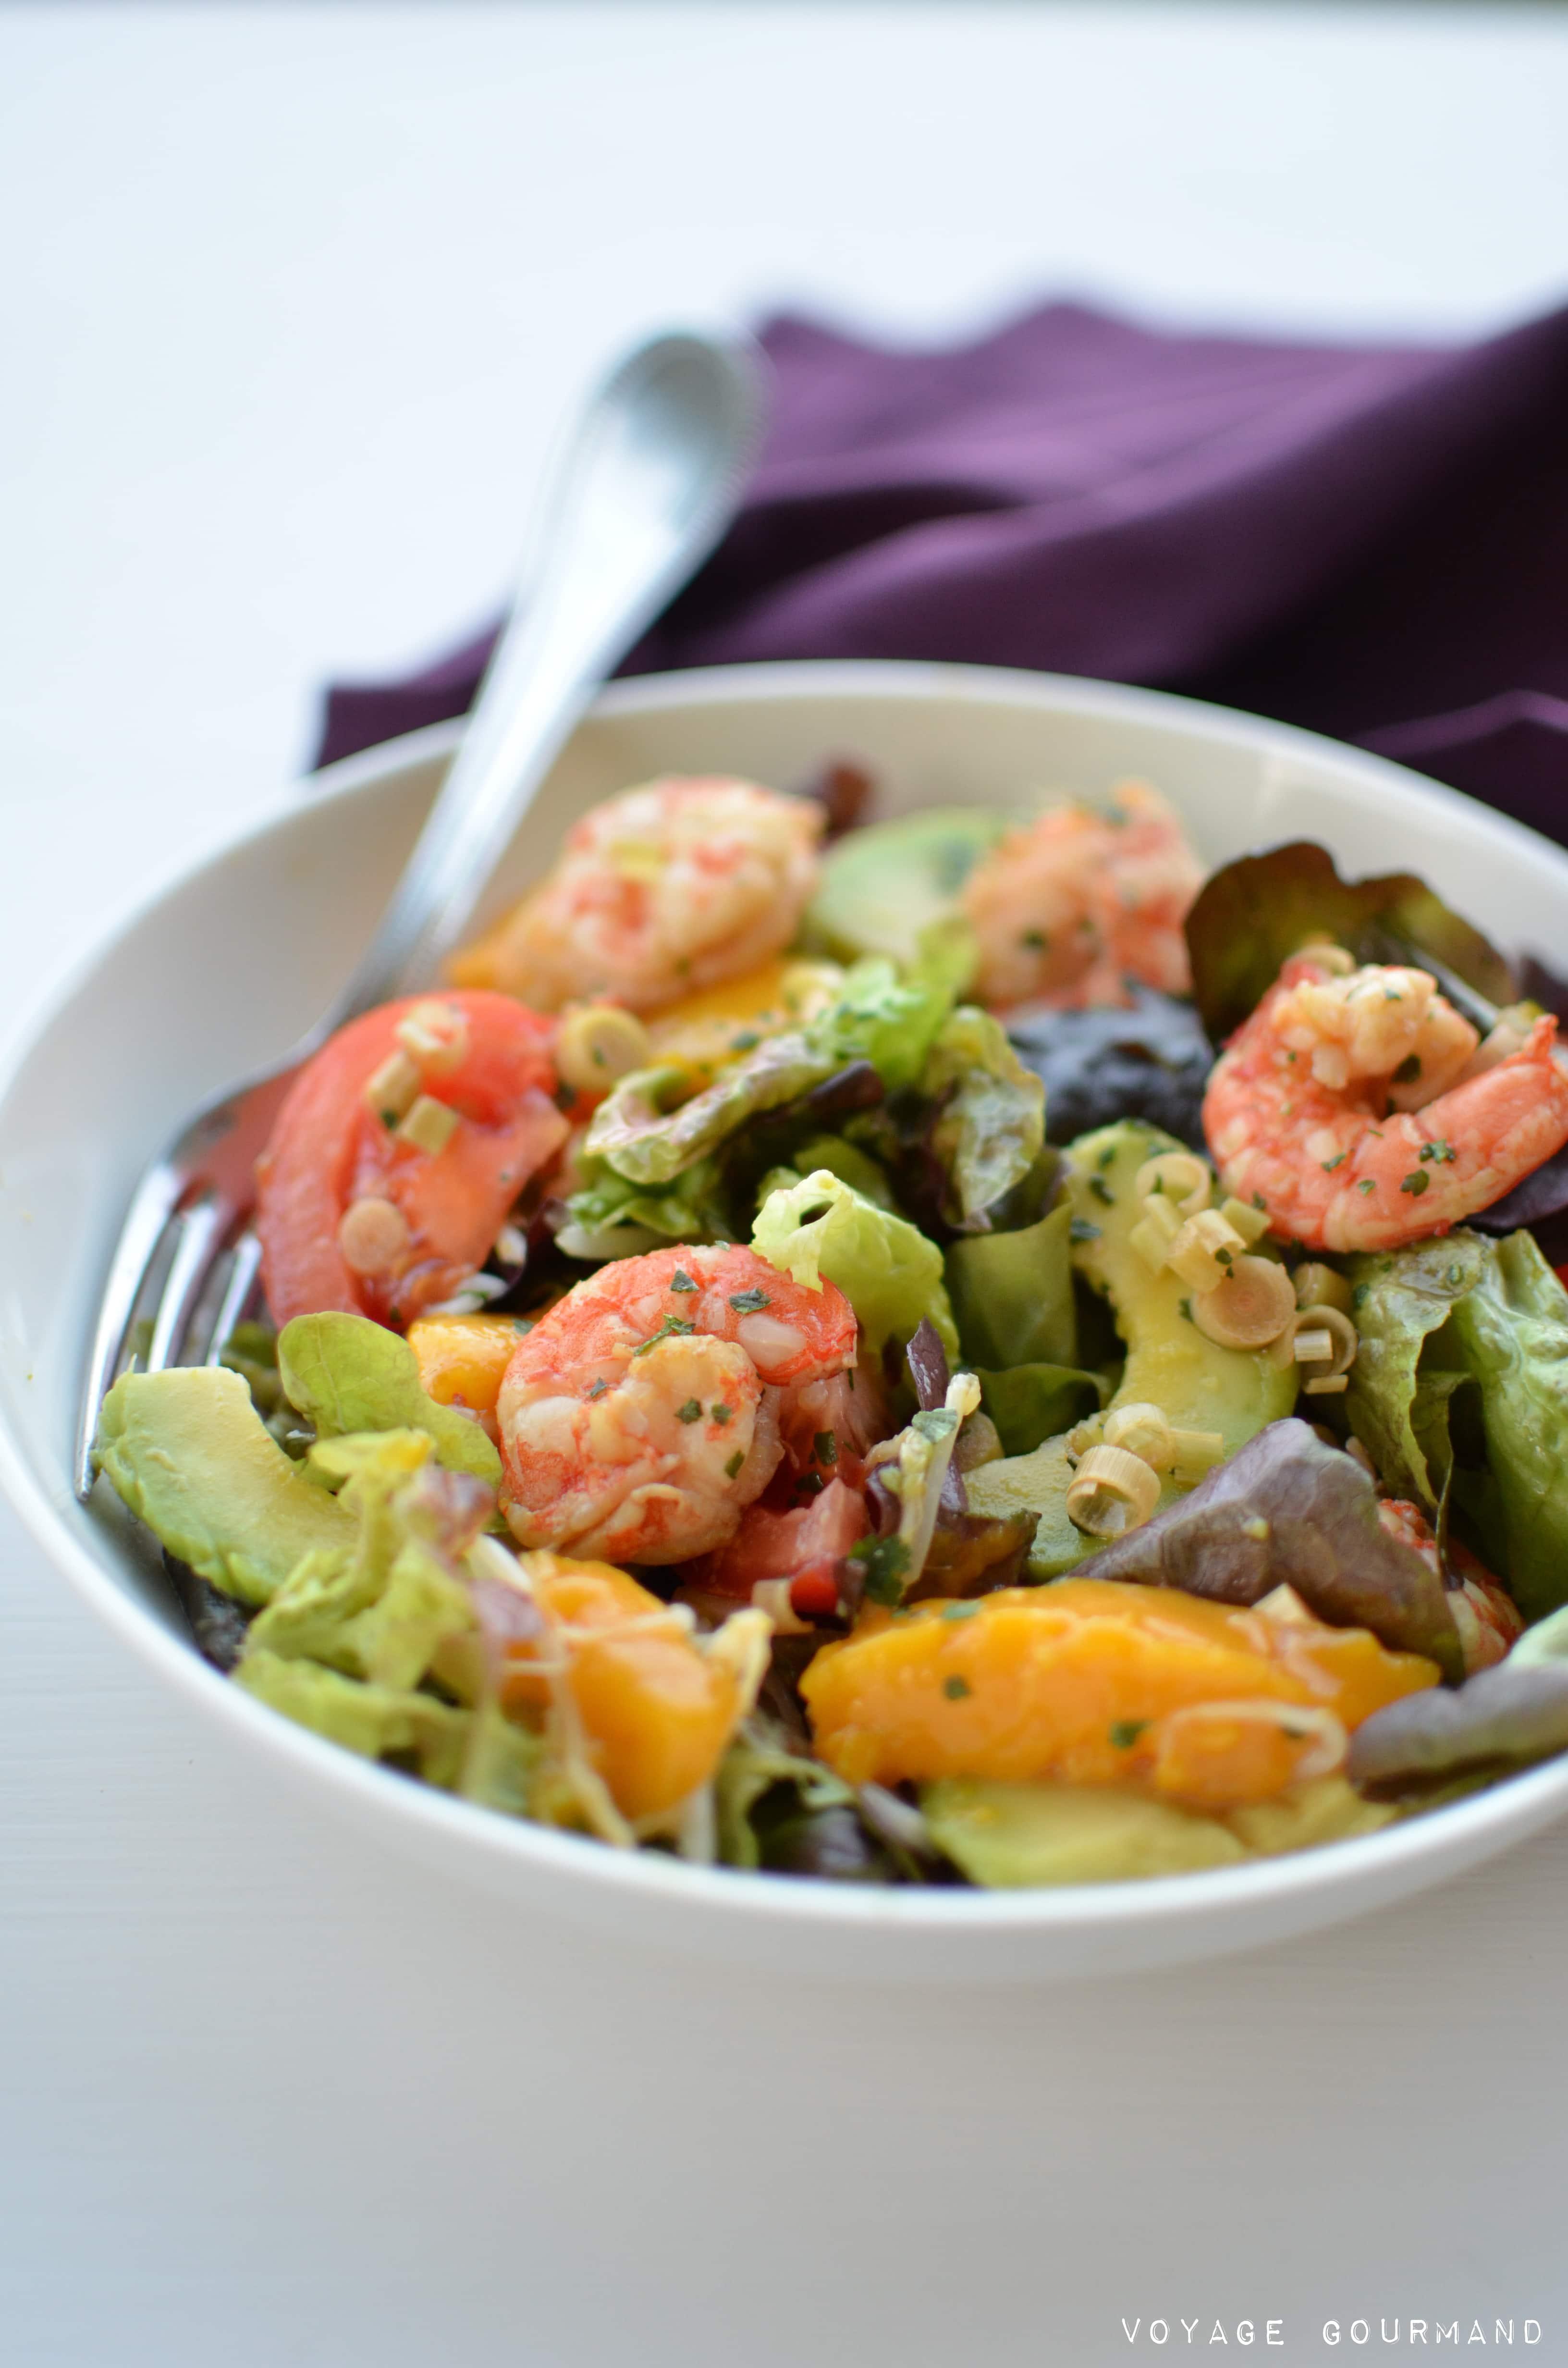 Salade de crevettes, mangues et avocat à la citronnelle